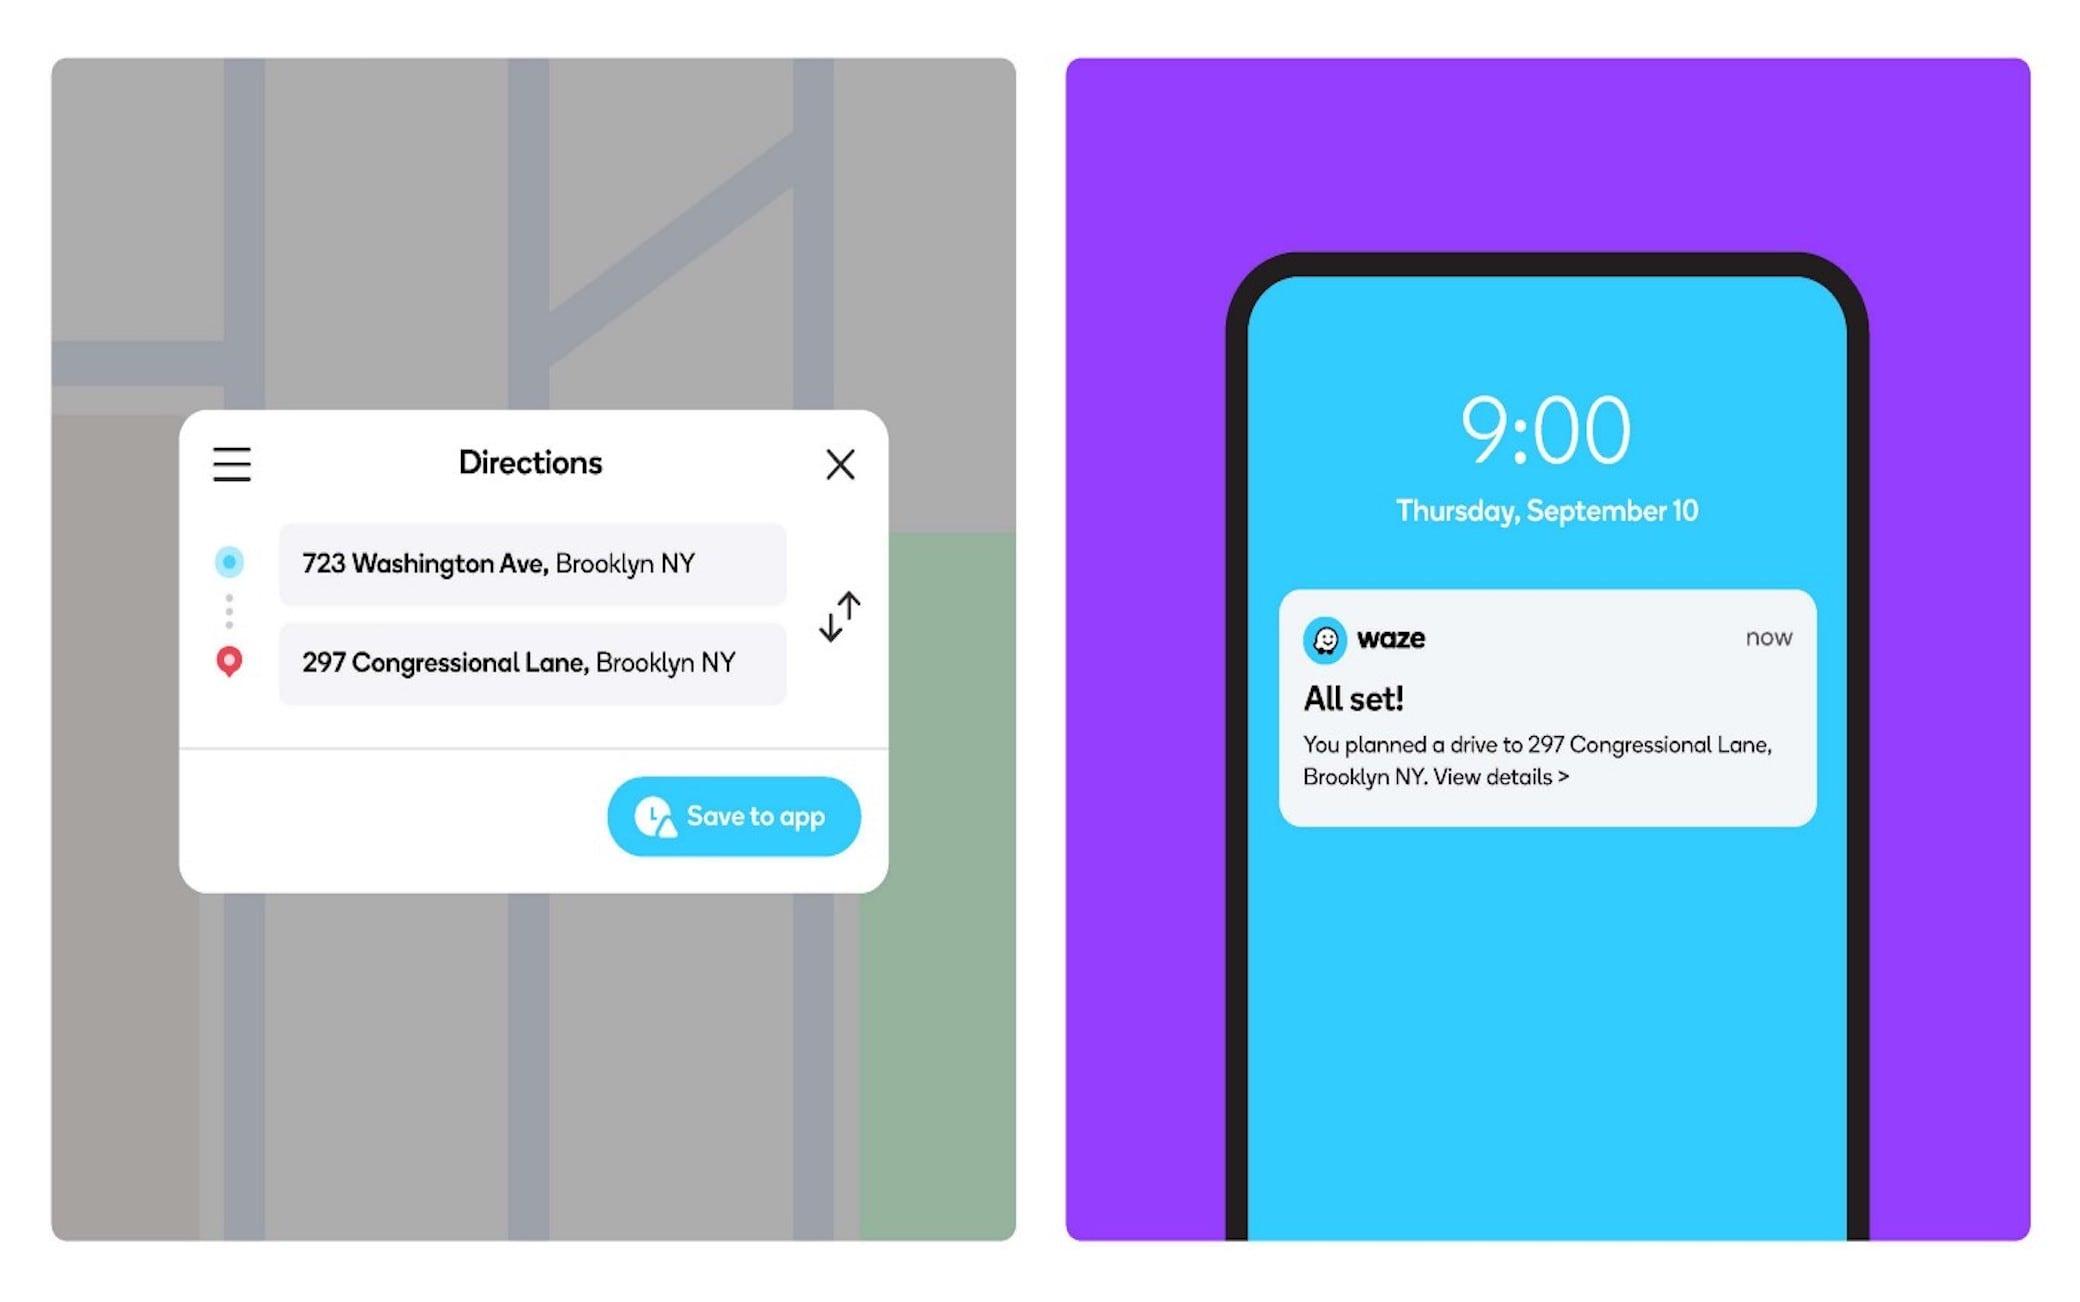 L'applicazione Waze